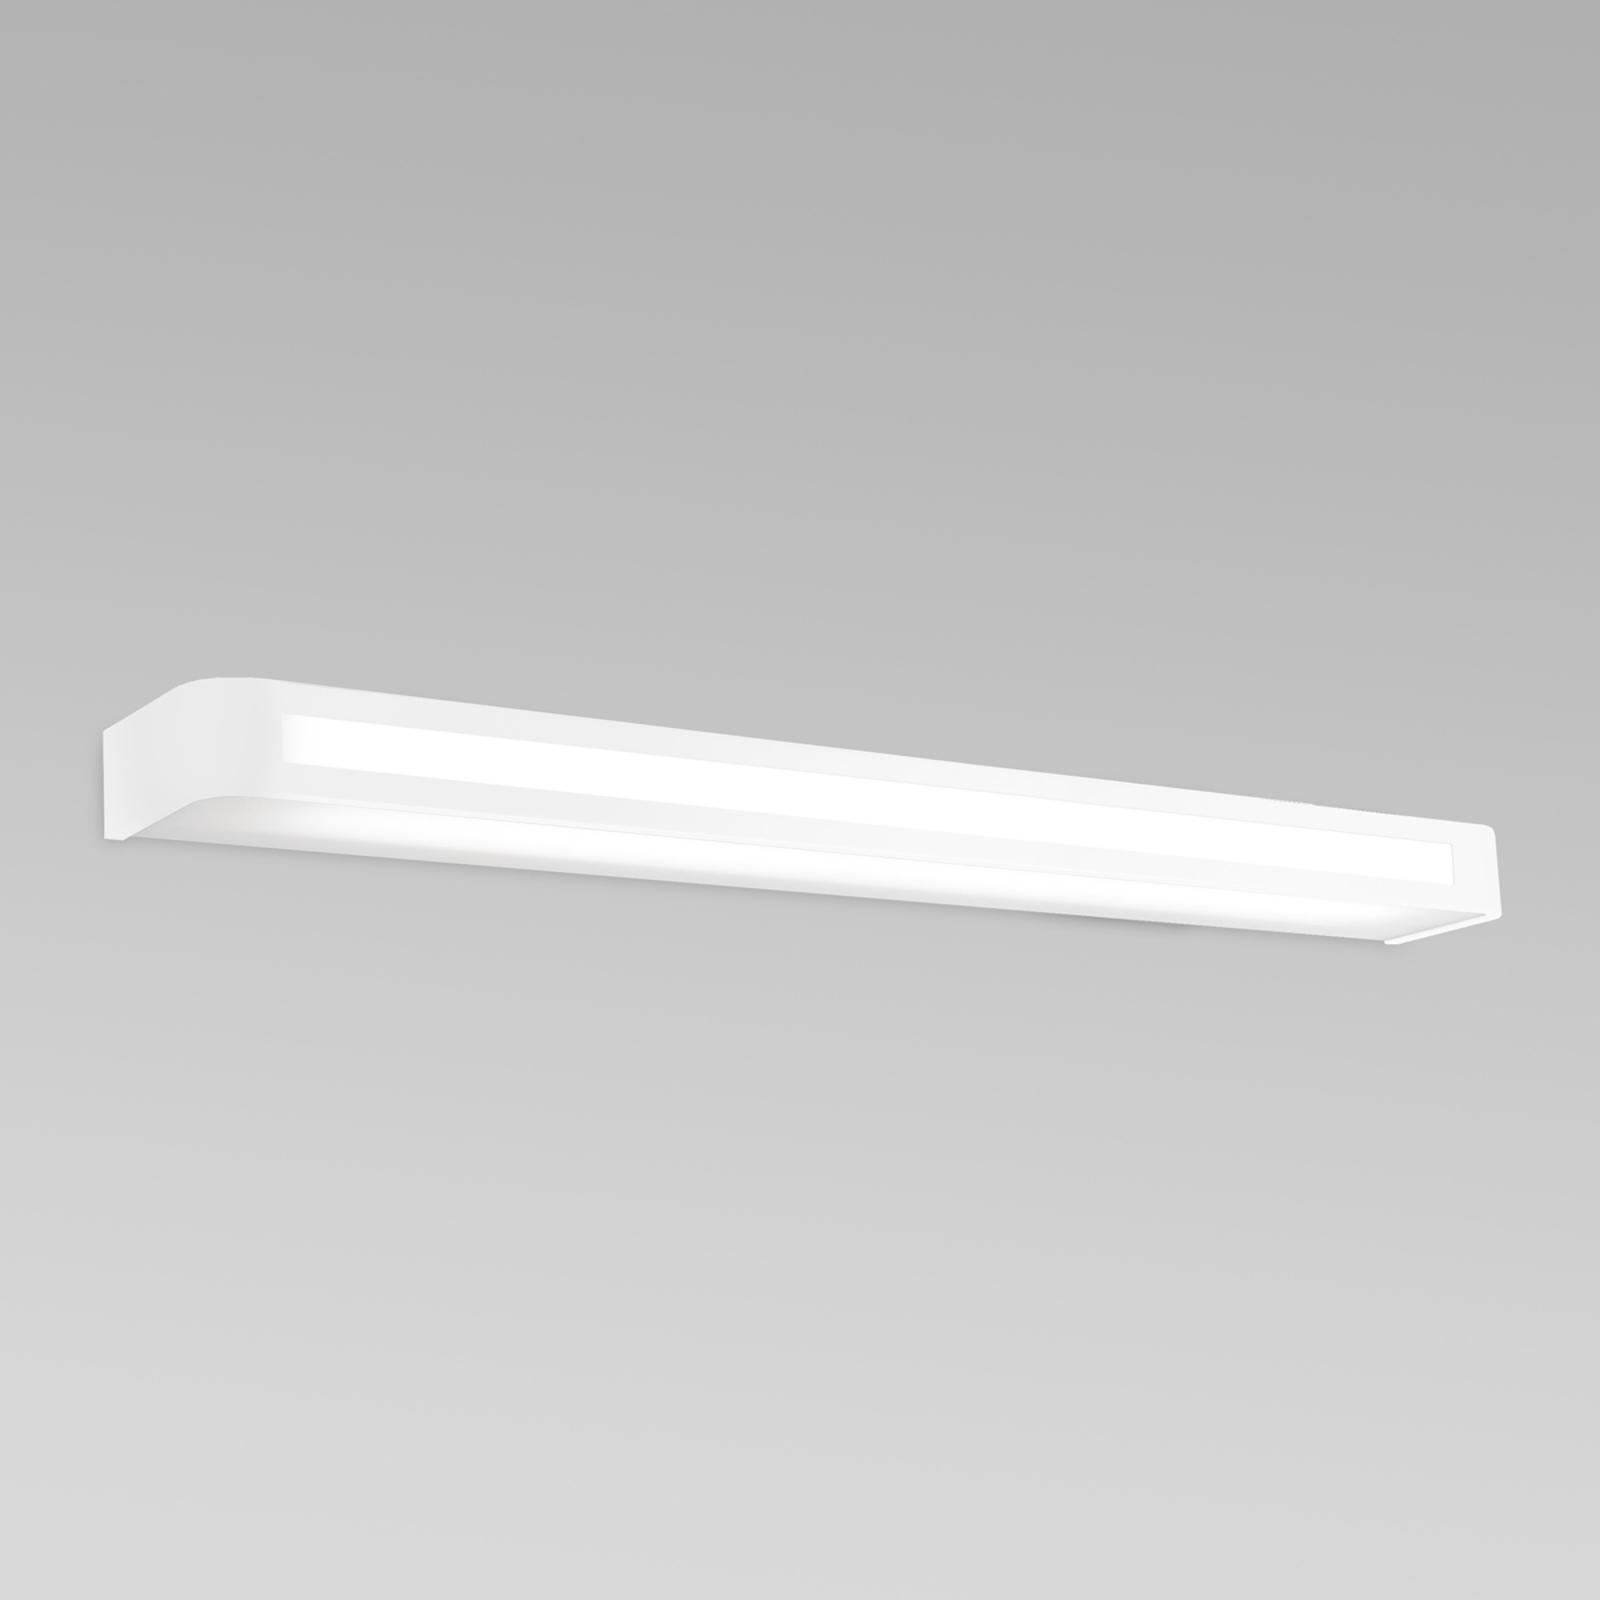 Tijdloze LED wandlamp Arcos, IP20 90 cm, wit